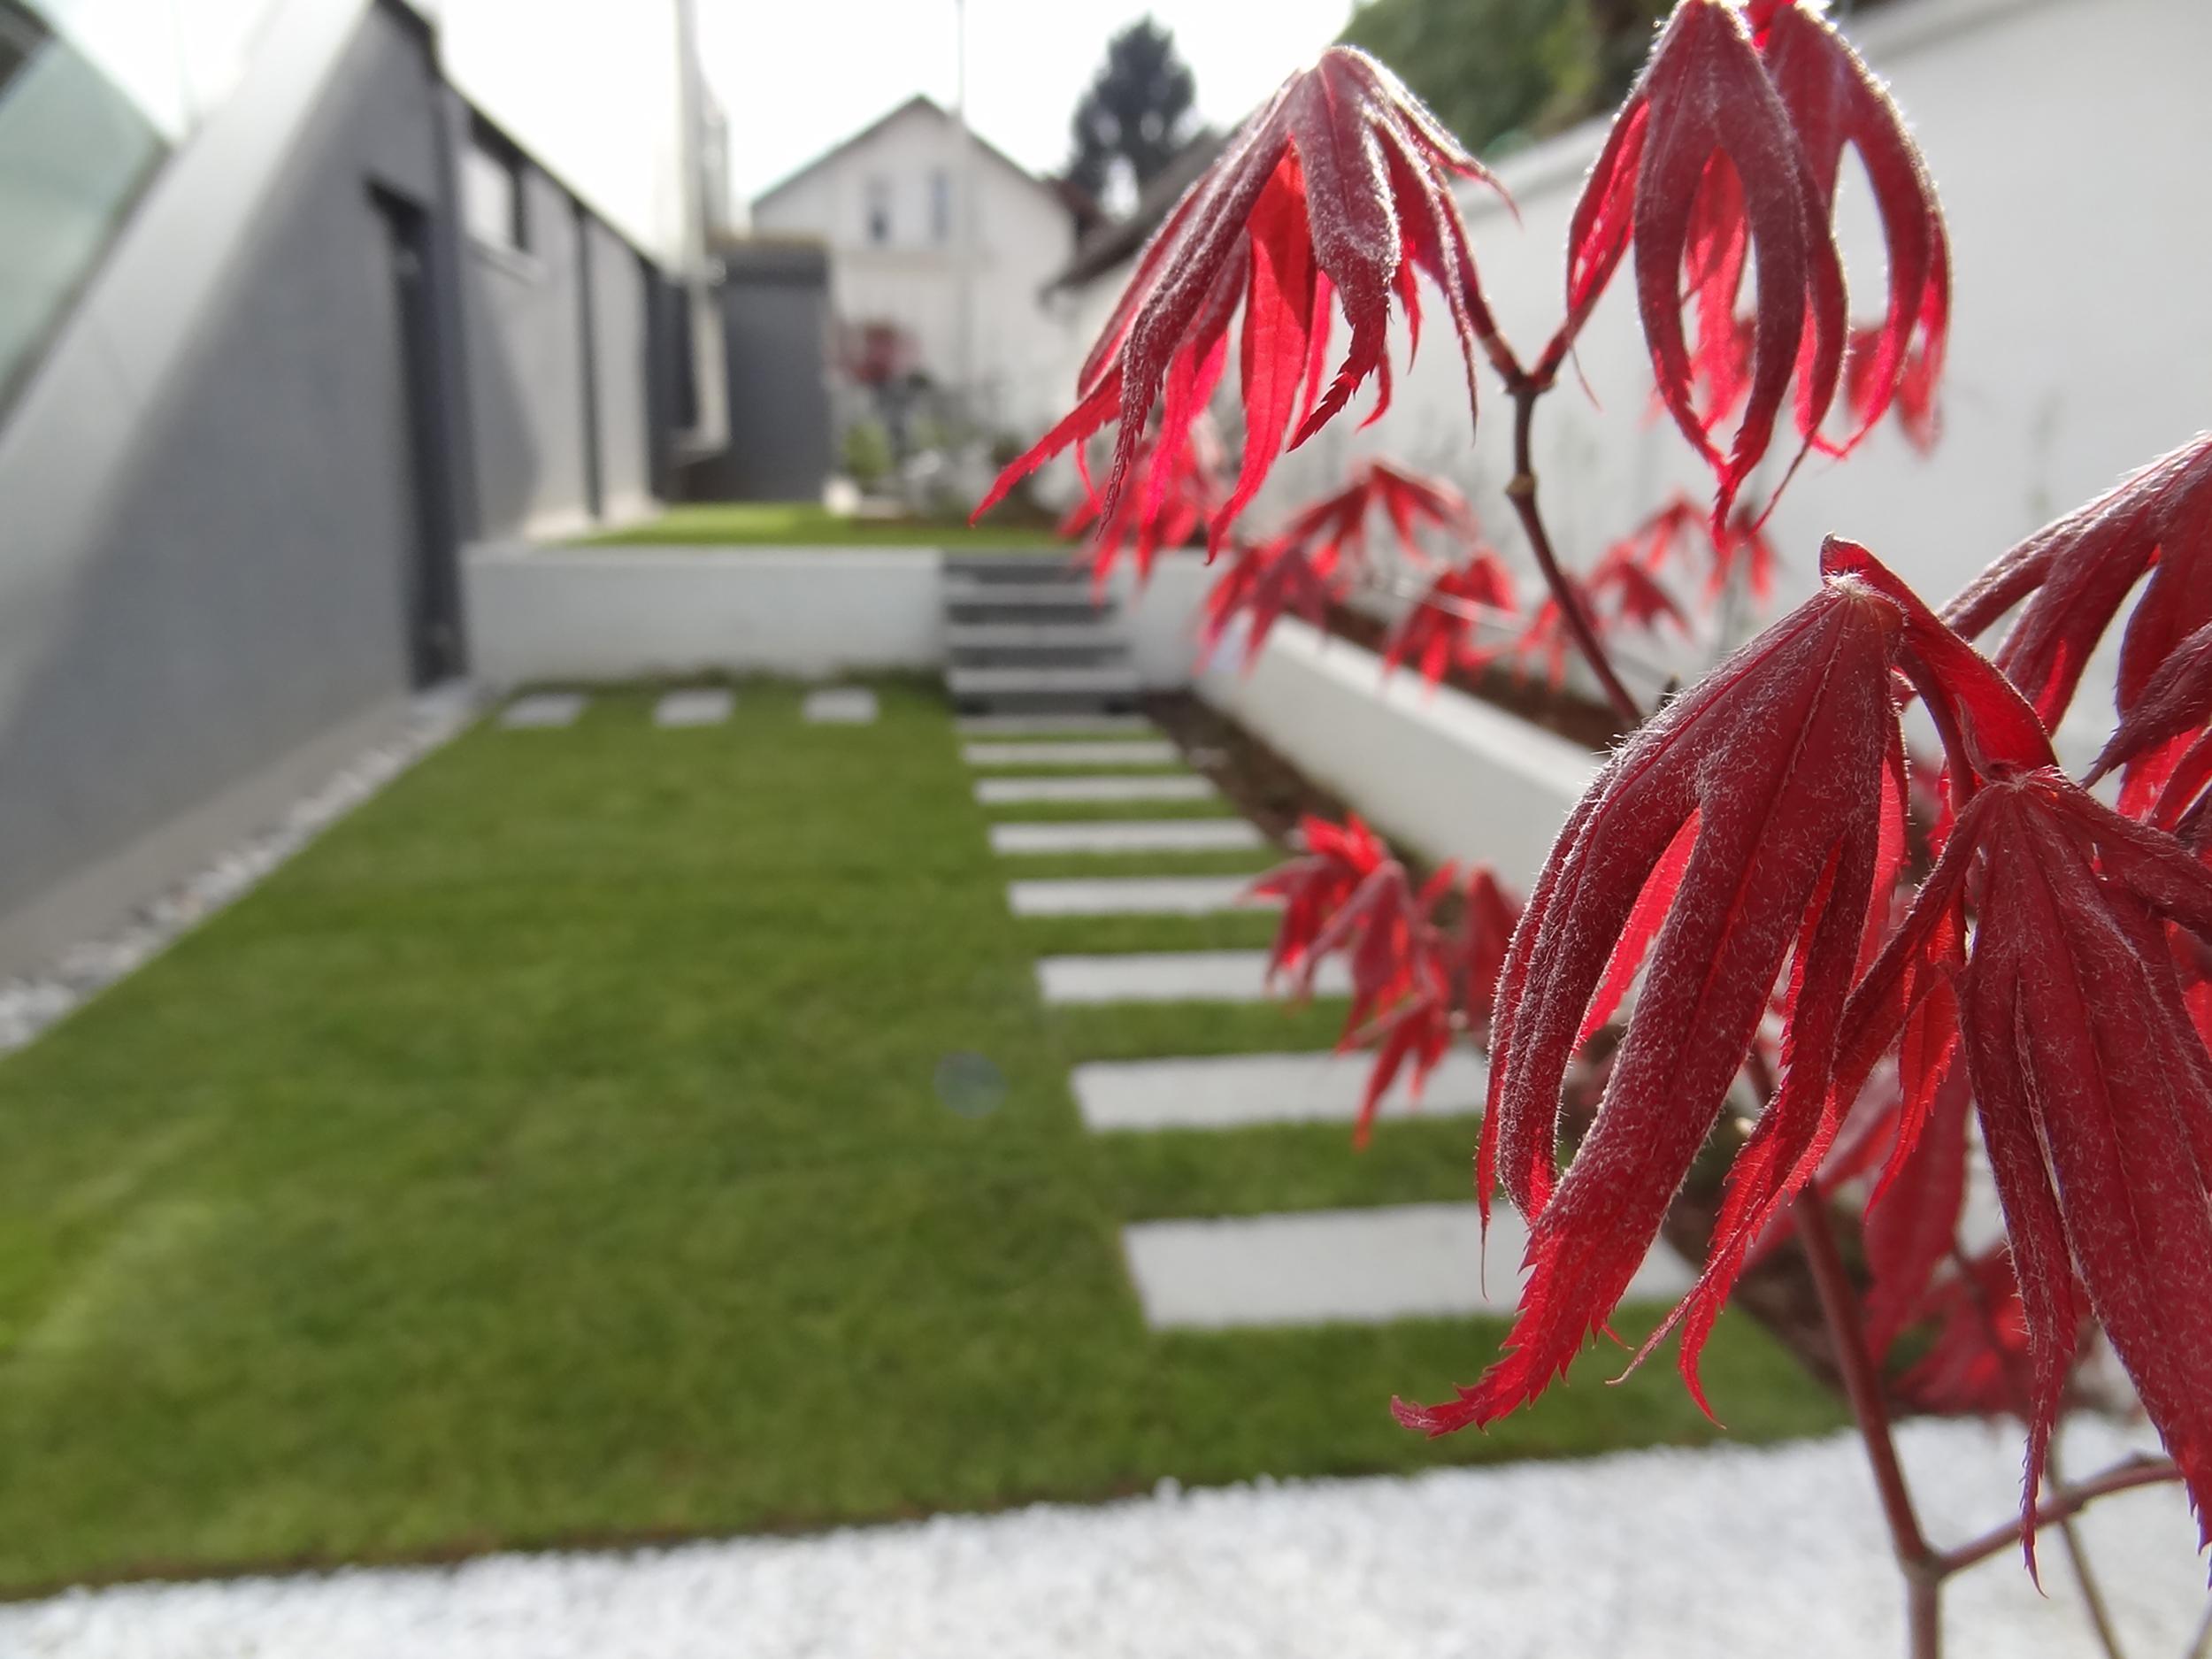 rozna ljubljana vrt garden mah moss